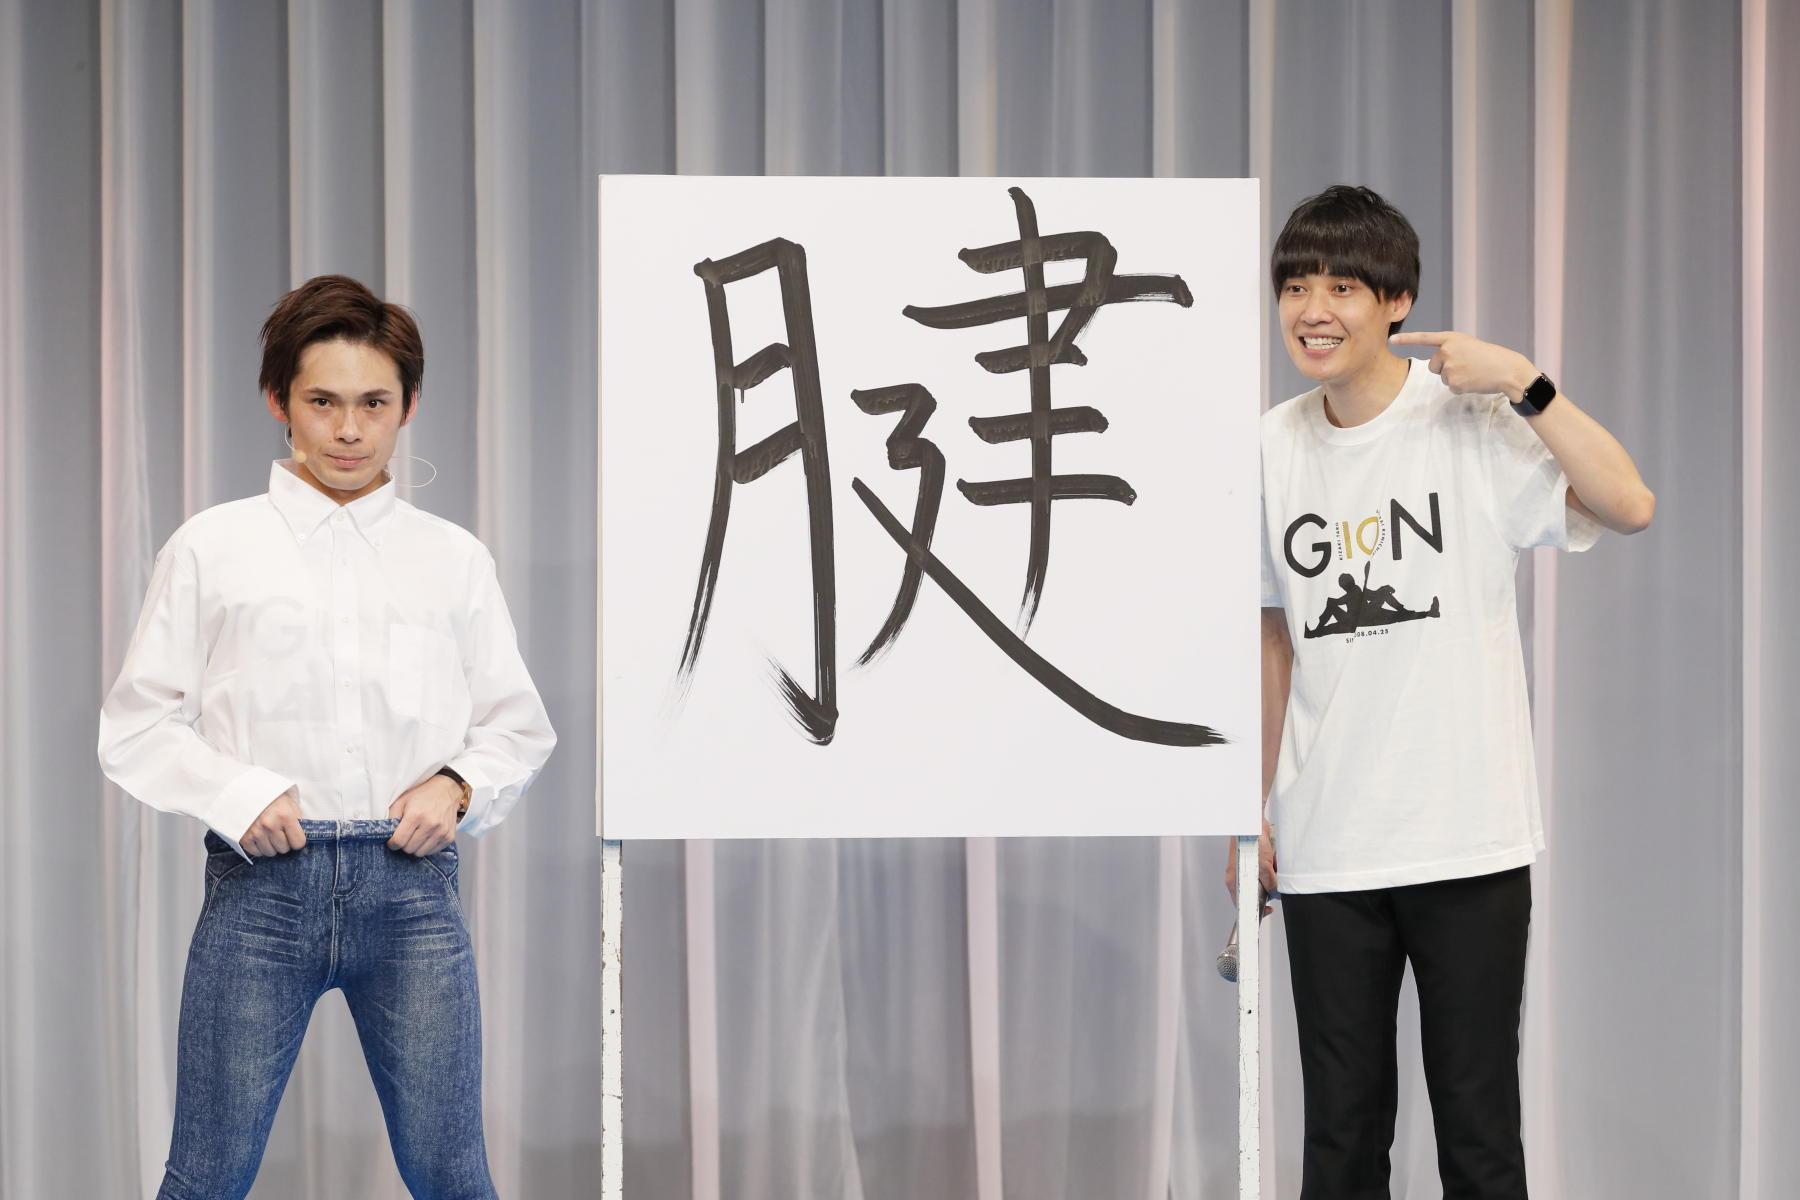 http://news.yoshimoto.co.jp/20181204223227-3caccbca0999234897e44b9b4be87956c9055209.jpg